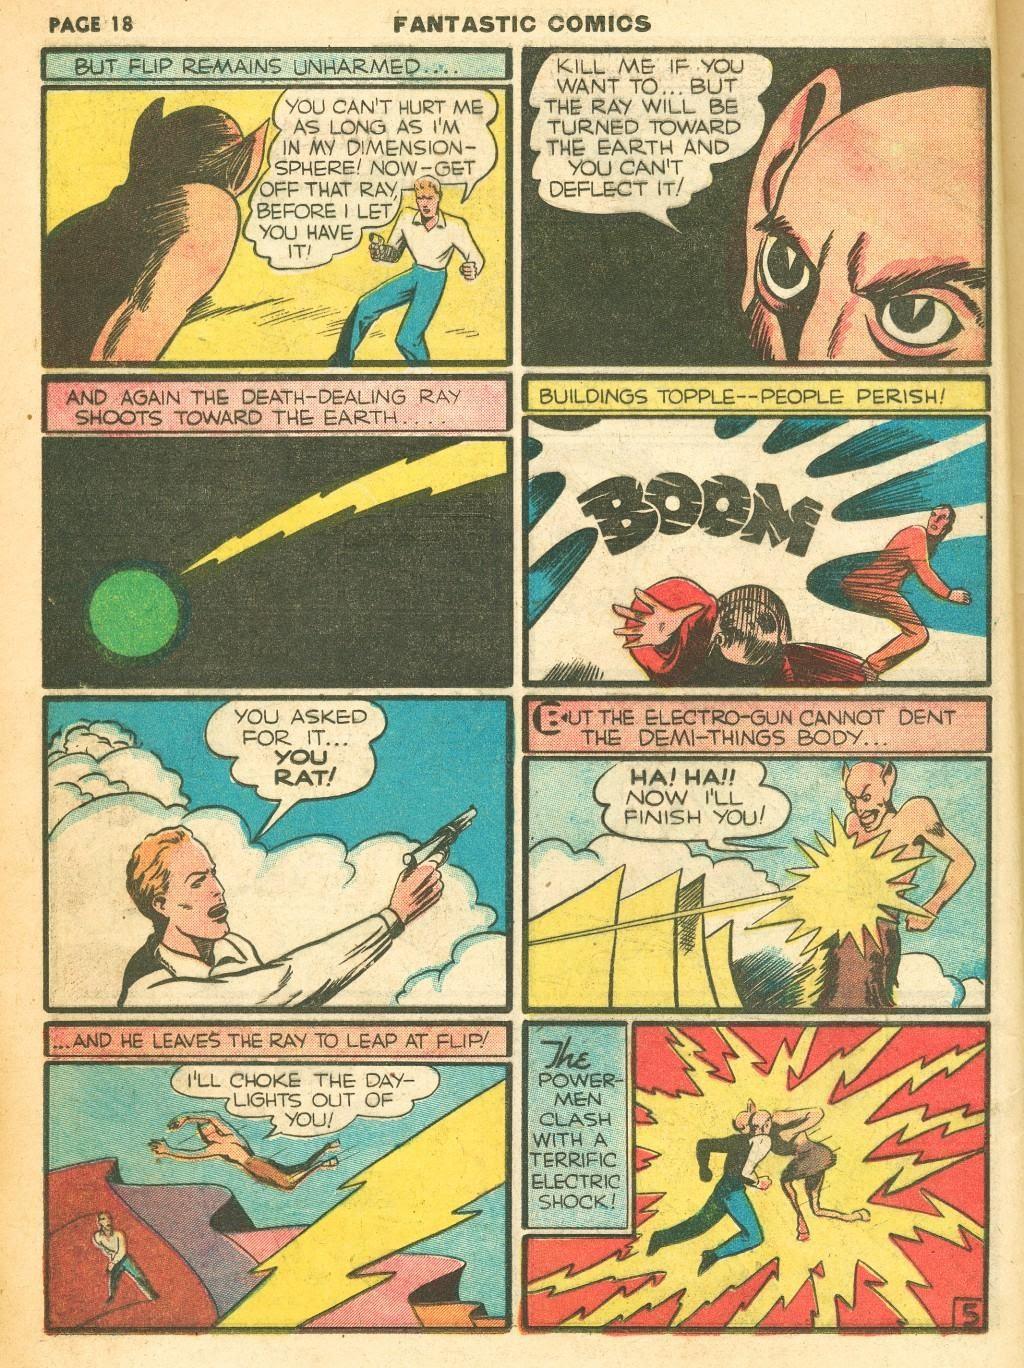 Read online Fantastic Comics comic -  Issue #12 - 20